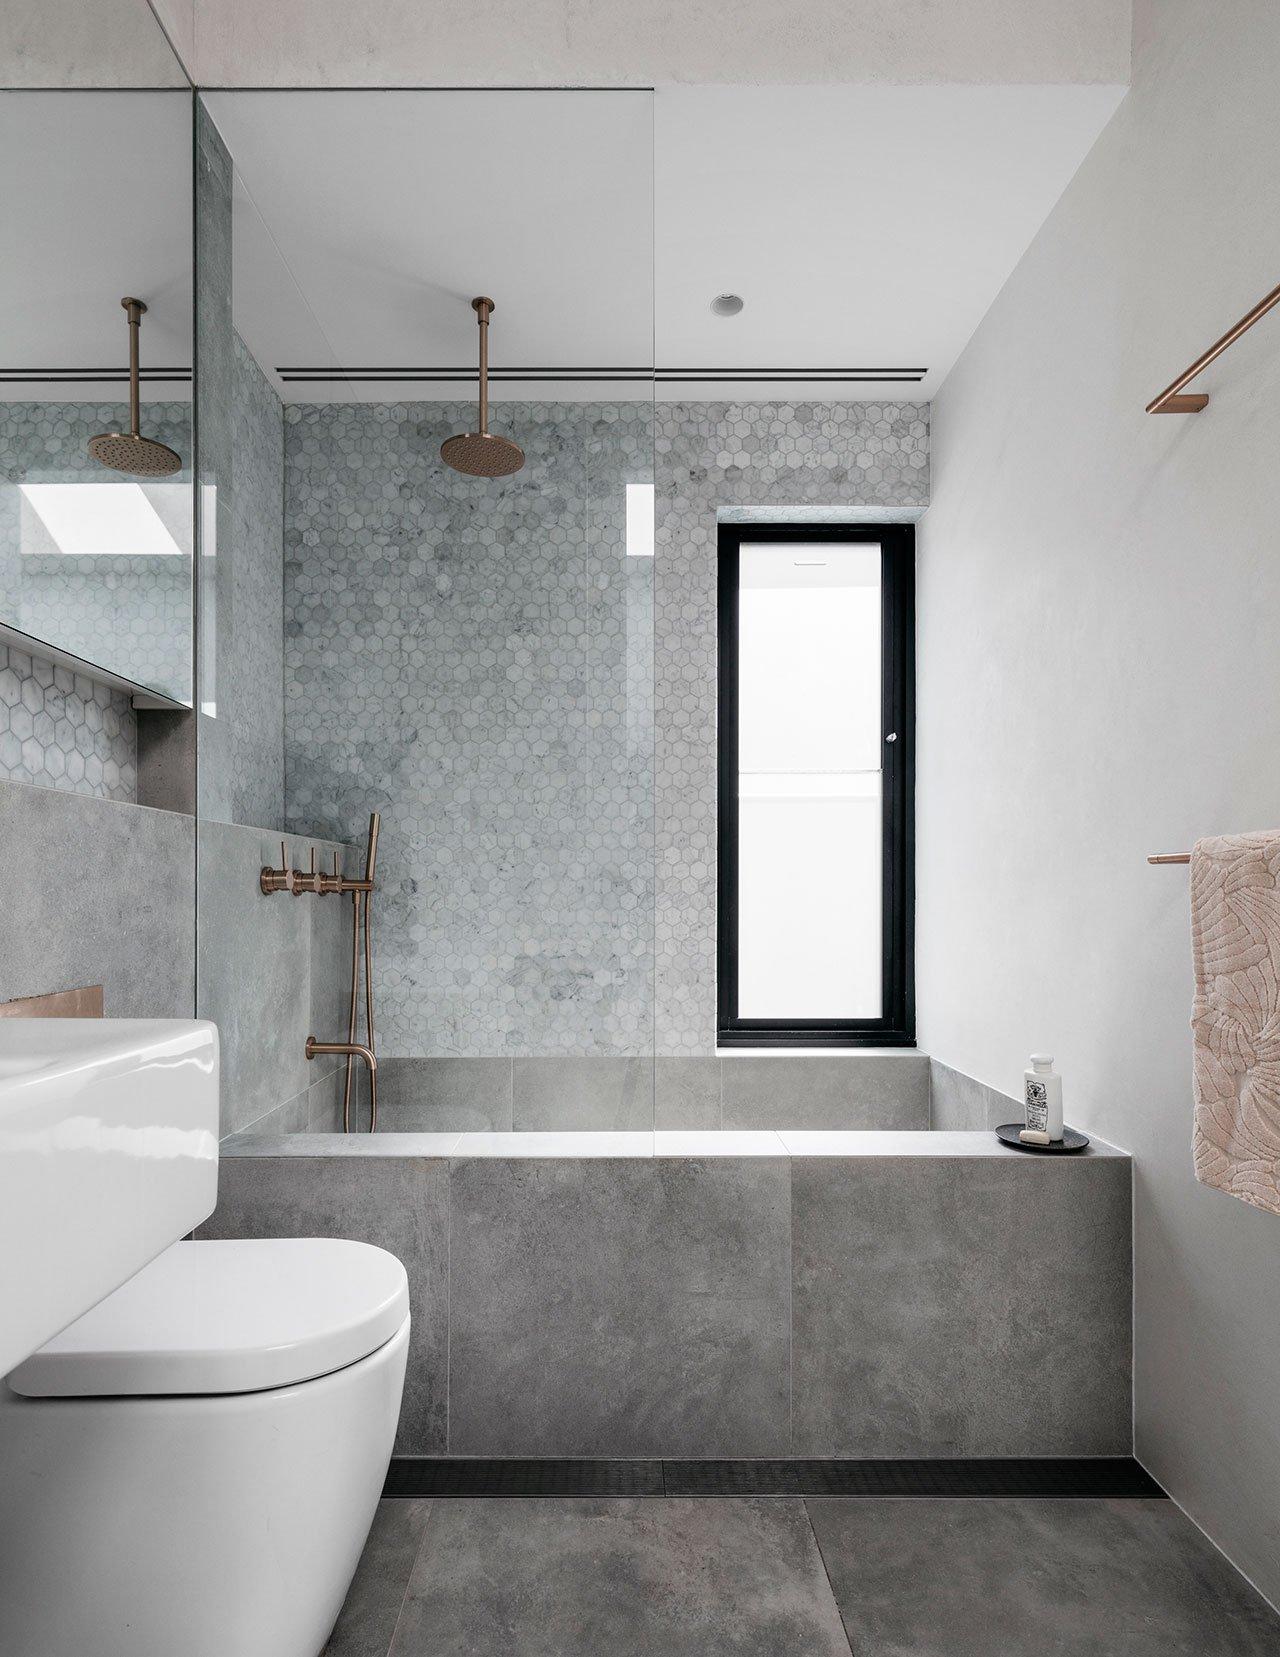 Voor deze mooie kleine badkamer is er gekozen voor zowel lichte vloer- als wandtegels.